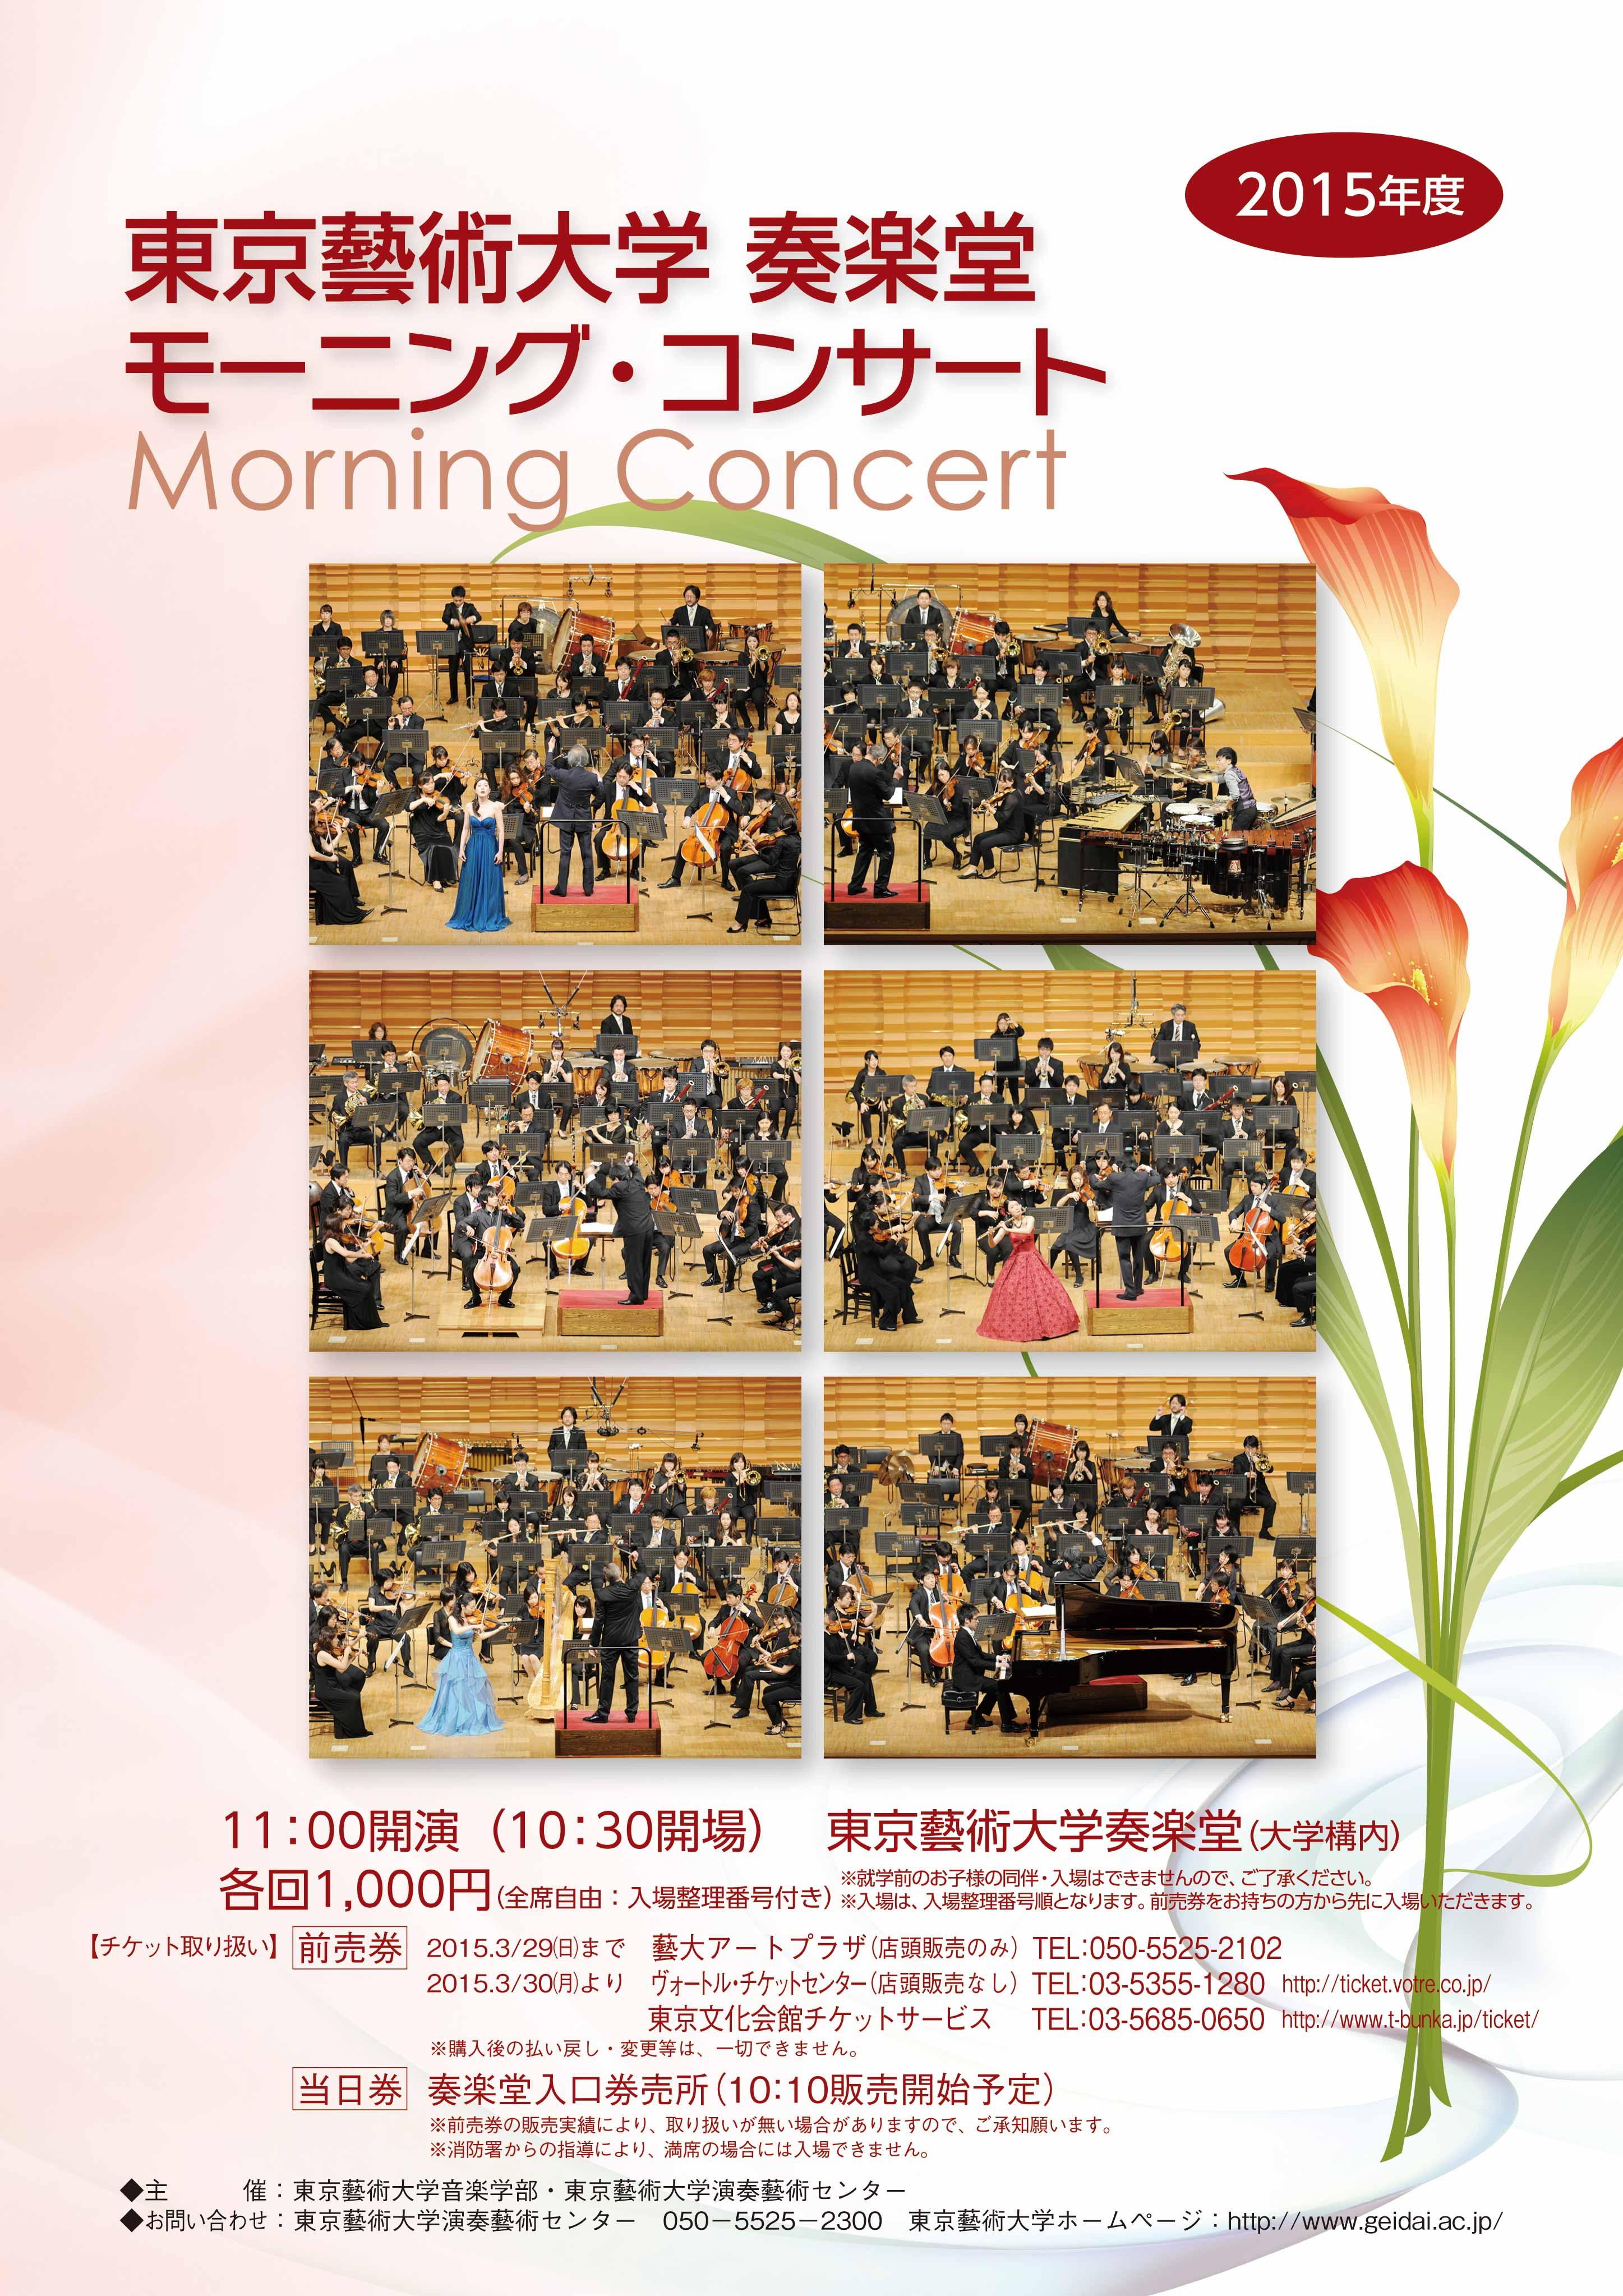 2015年度モーニング・コンサート